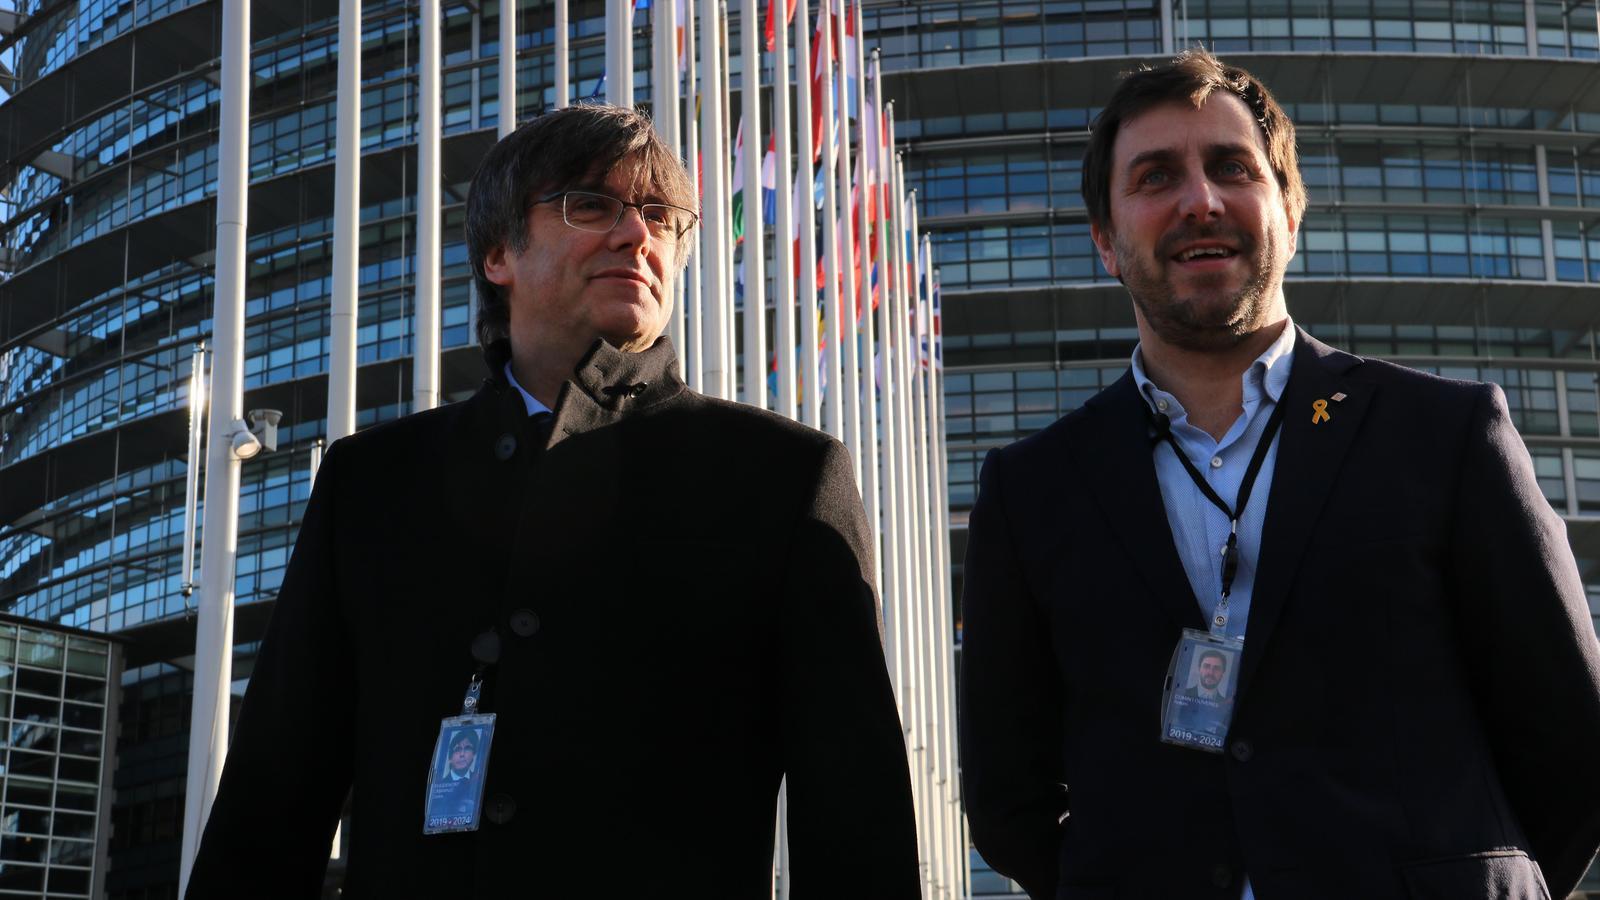 Des de Bèlgica fins a l'Eurocambra en cotxe: l'arribada de Puigdemont a Estrasburg